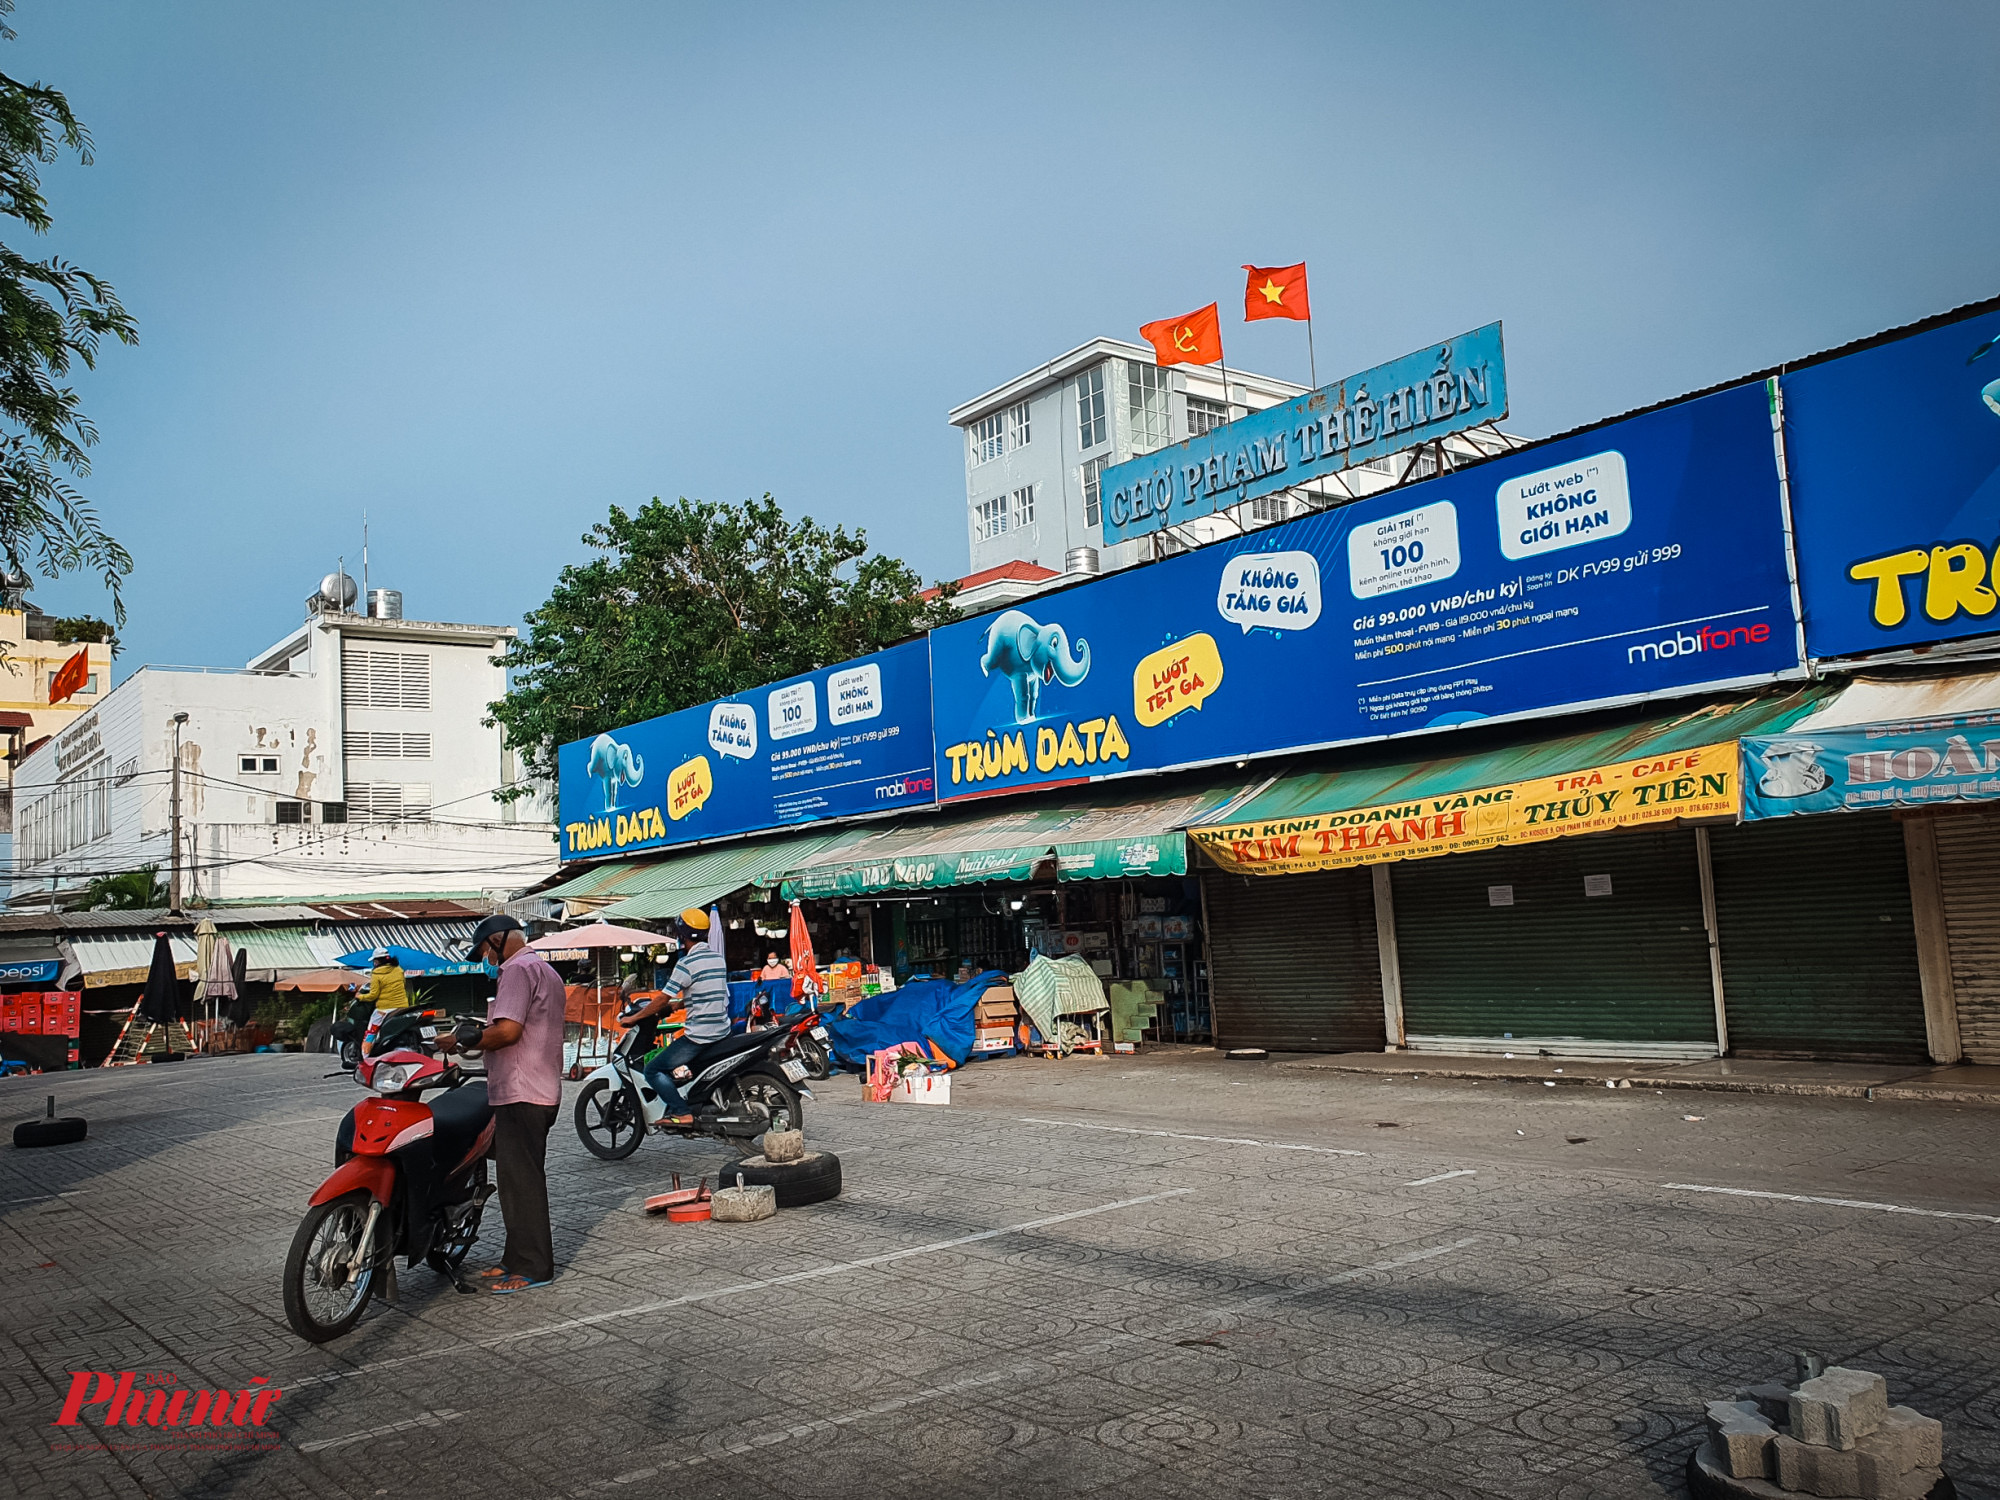 Nhiều gian hàng ở mặt trước chợ Phạm Thế Hiển đã đóng cửa khá nhiều, một số gian hàng vẫn đang tiếp tục dọn dẹp để tạm nghỉ